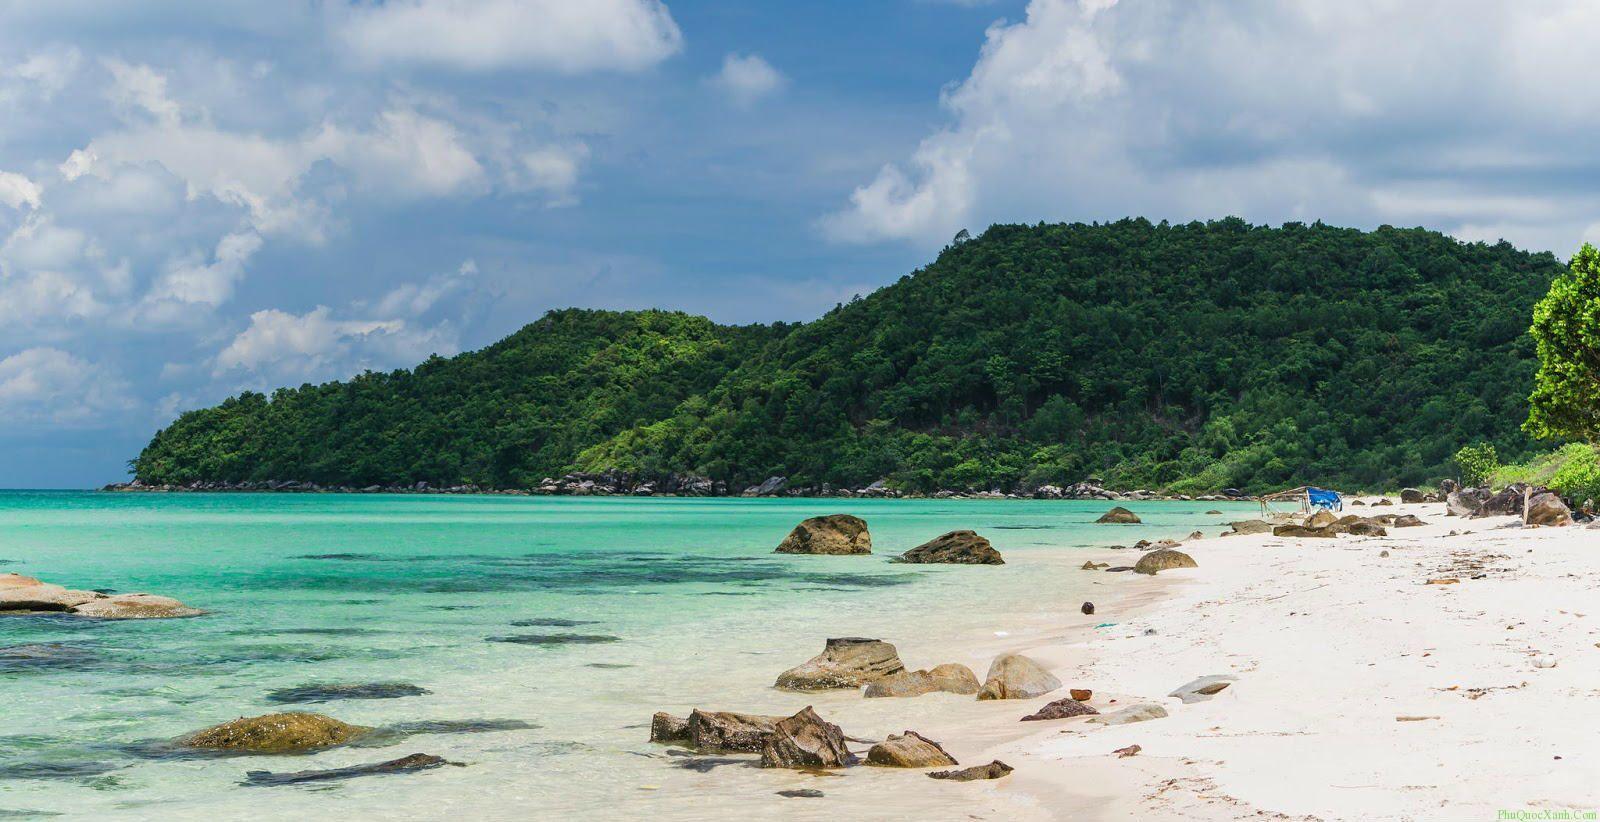 Kinh nghiệm du lịch Bãi biển Ông Lãng - Phú Quốc - BestPrice